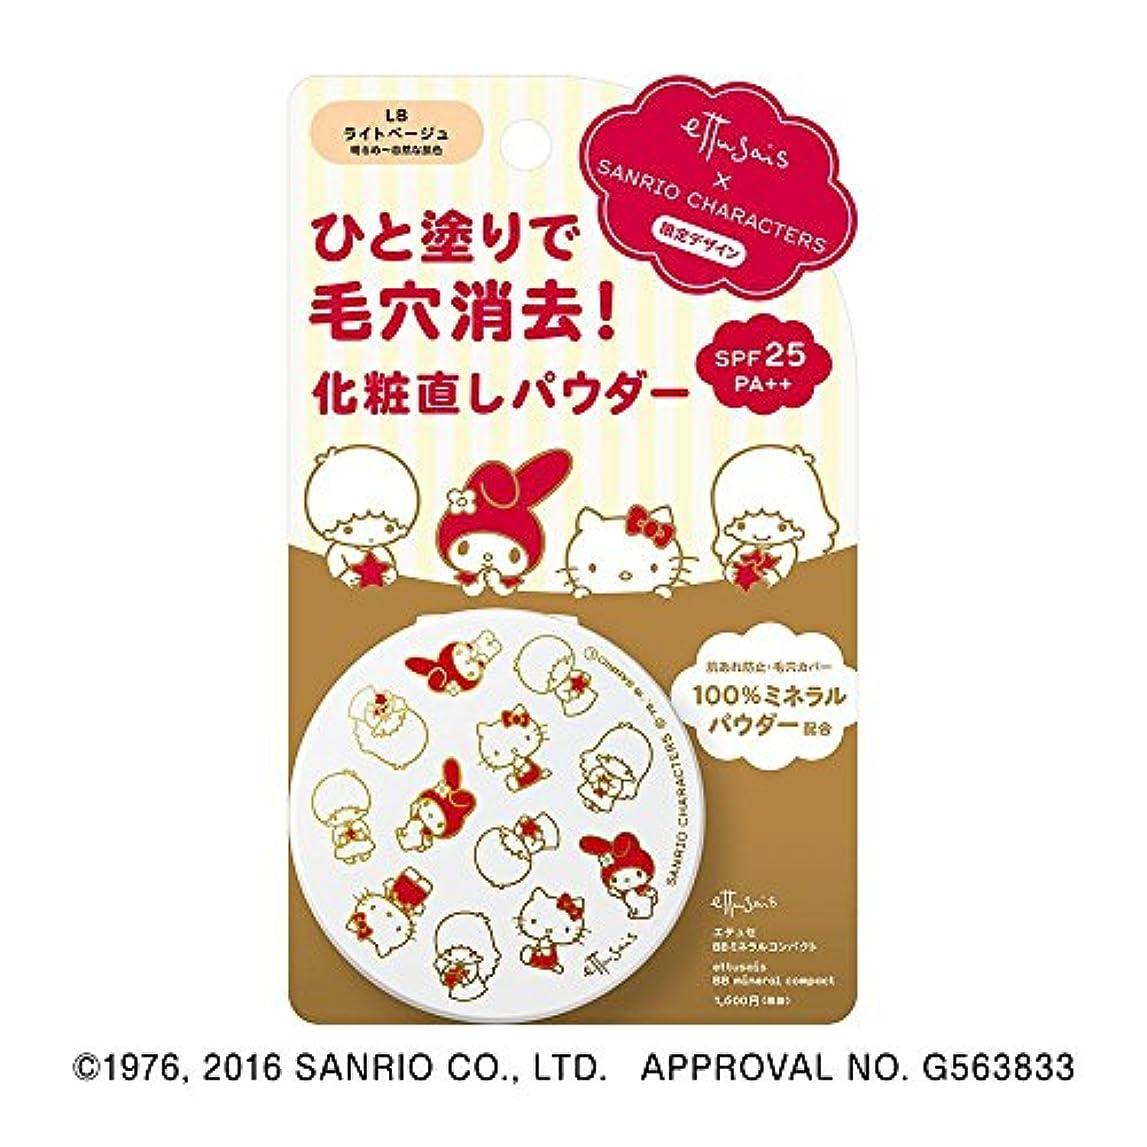 実施するマサッチョ石鹸エテュセ BBミネラルコンパクト サンリオ コラボパッケージ LB(ライトベージュ 明るめ~自然な肌色) SPF25/PA++